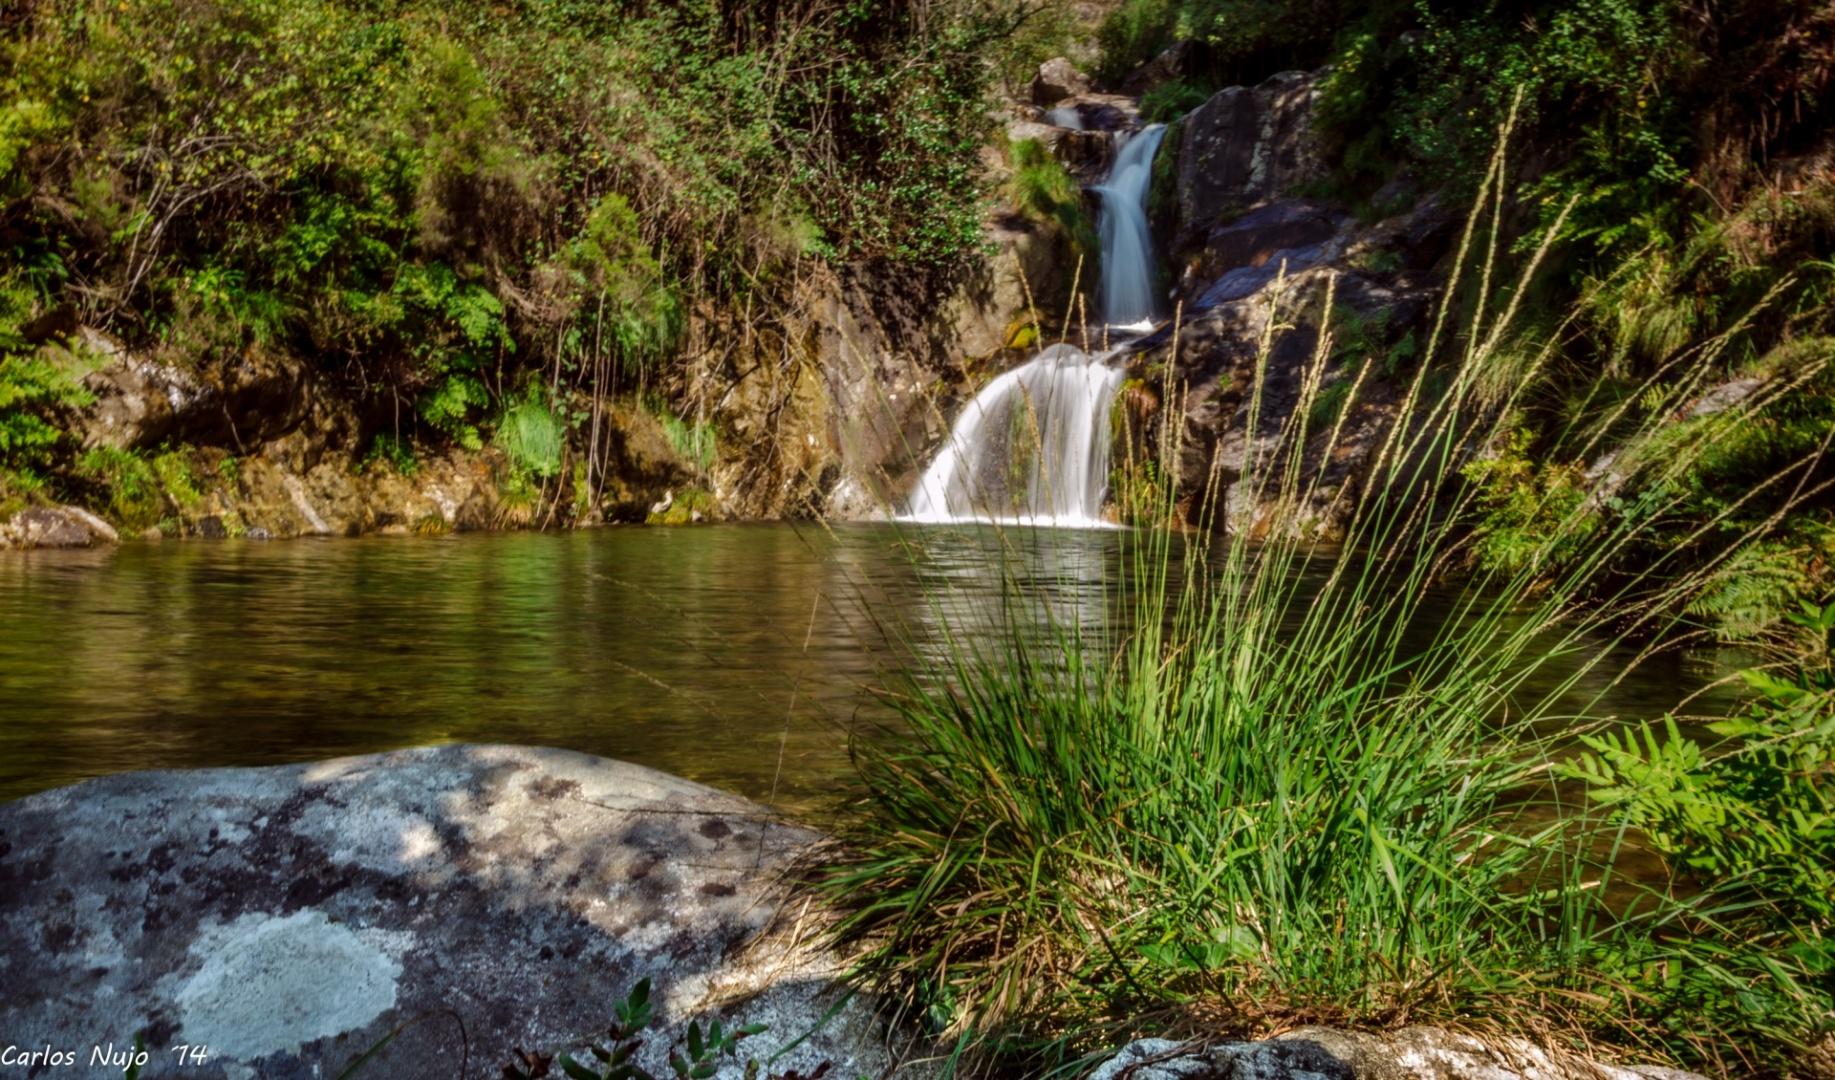 Resultado de imagem para Cascata do Poço do Linho, Vale de Cambra